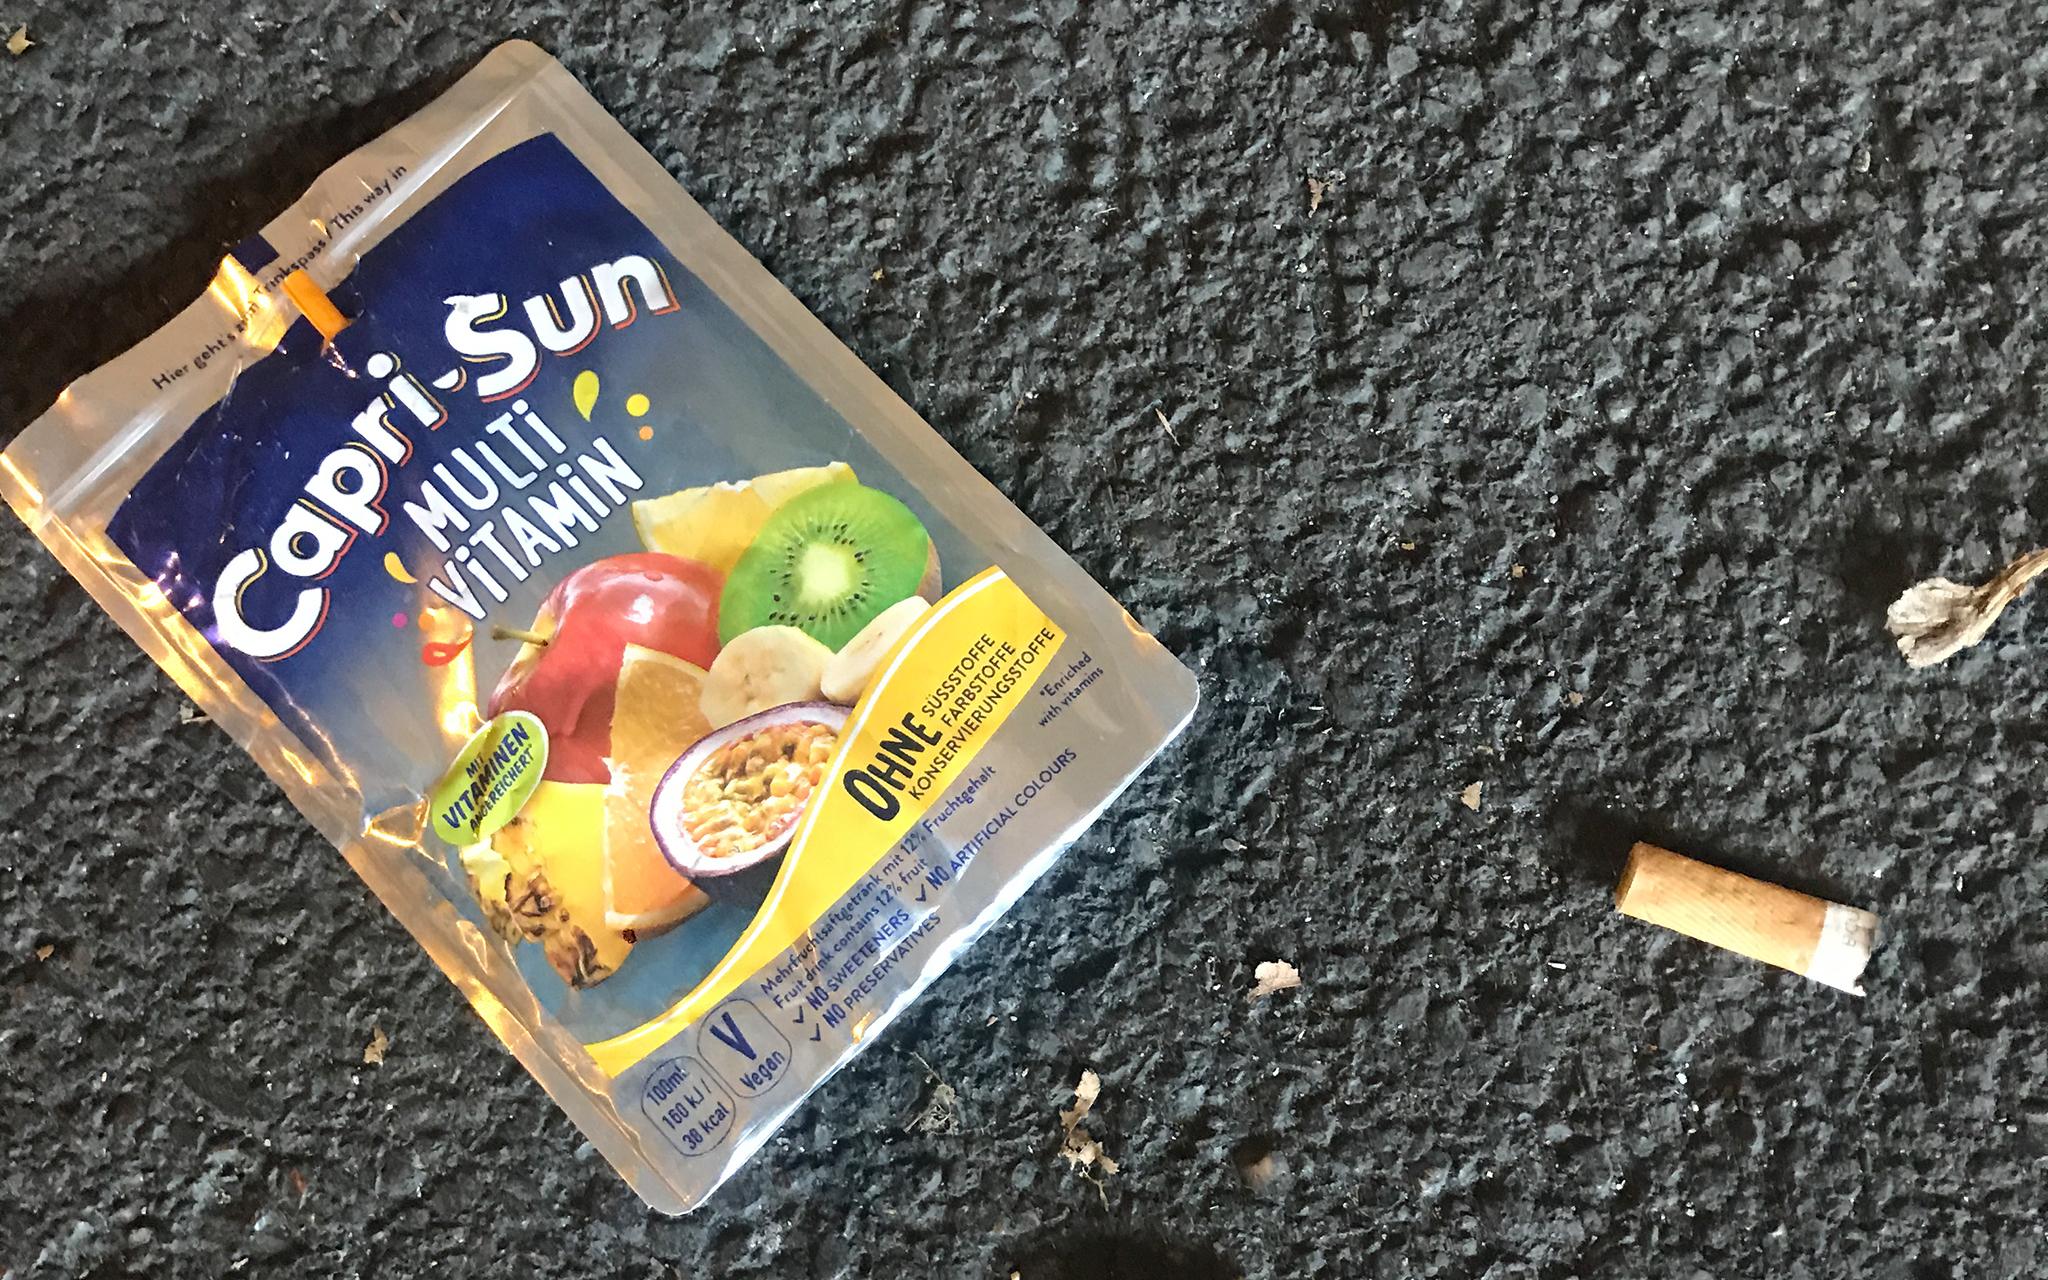 Capri Sonne möchte sich aus dem EU Geschäft zurückziehen, da sie ...